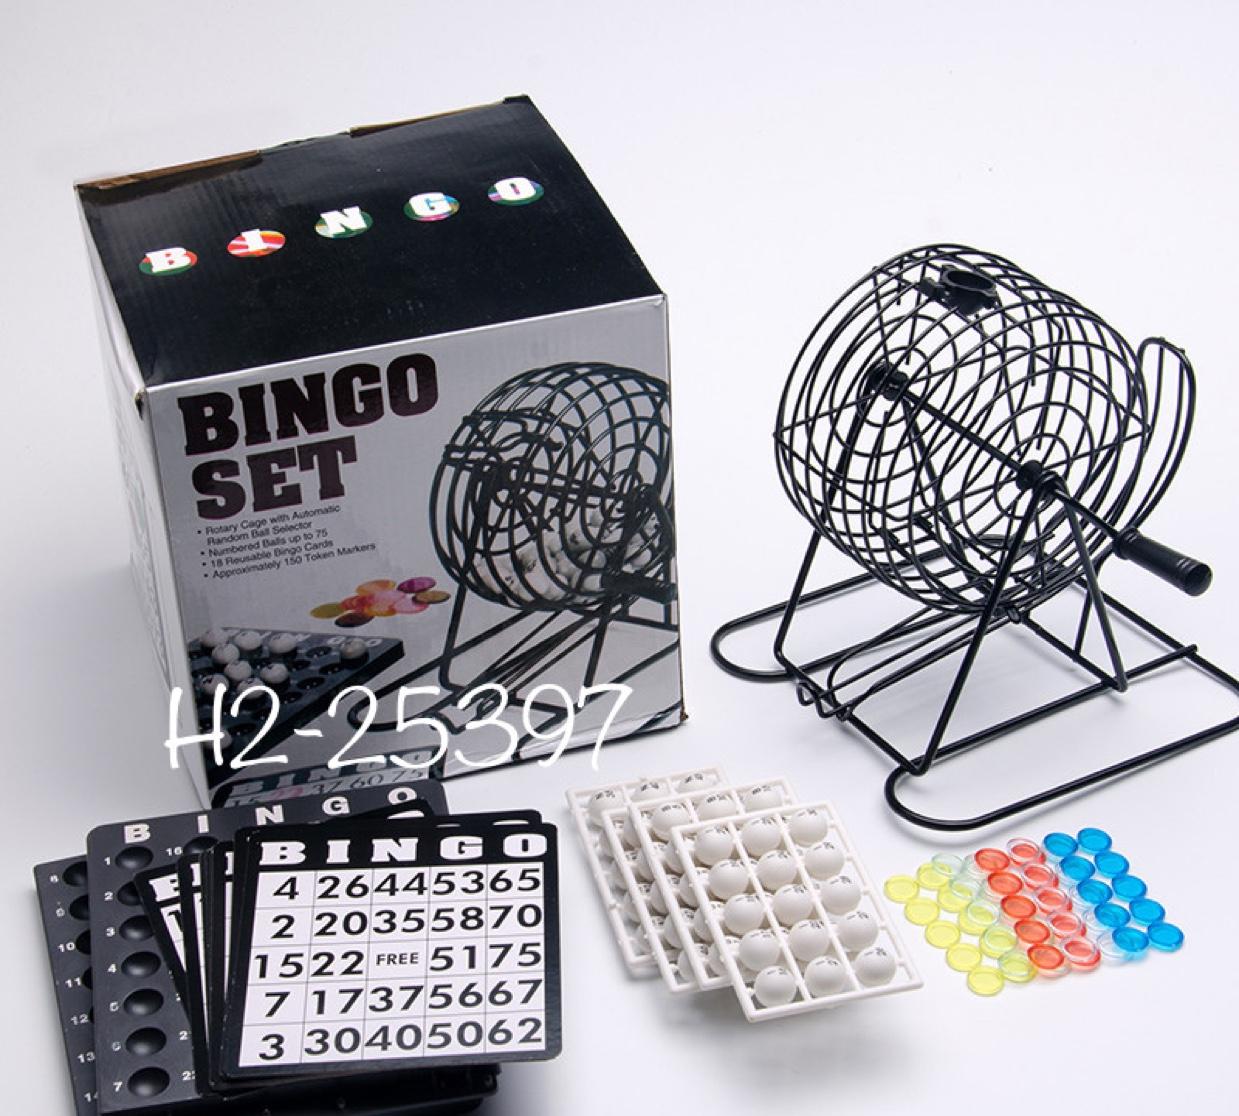 宾果摇奖机/Bingo game set